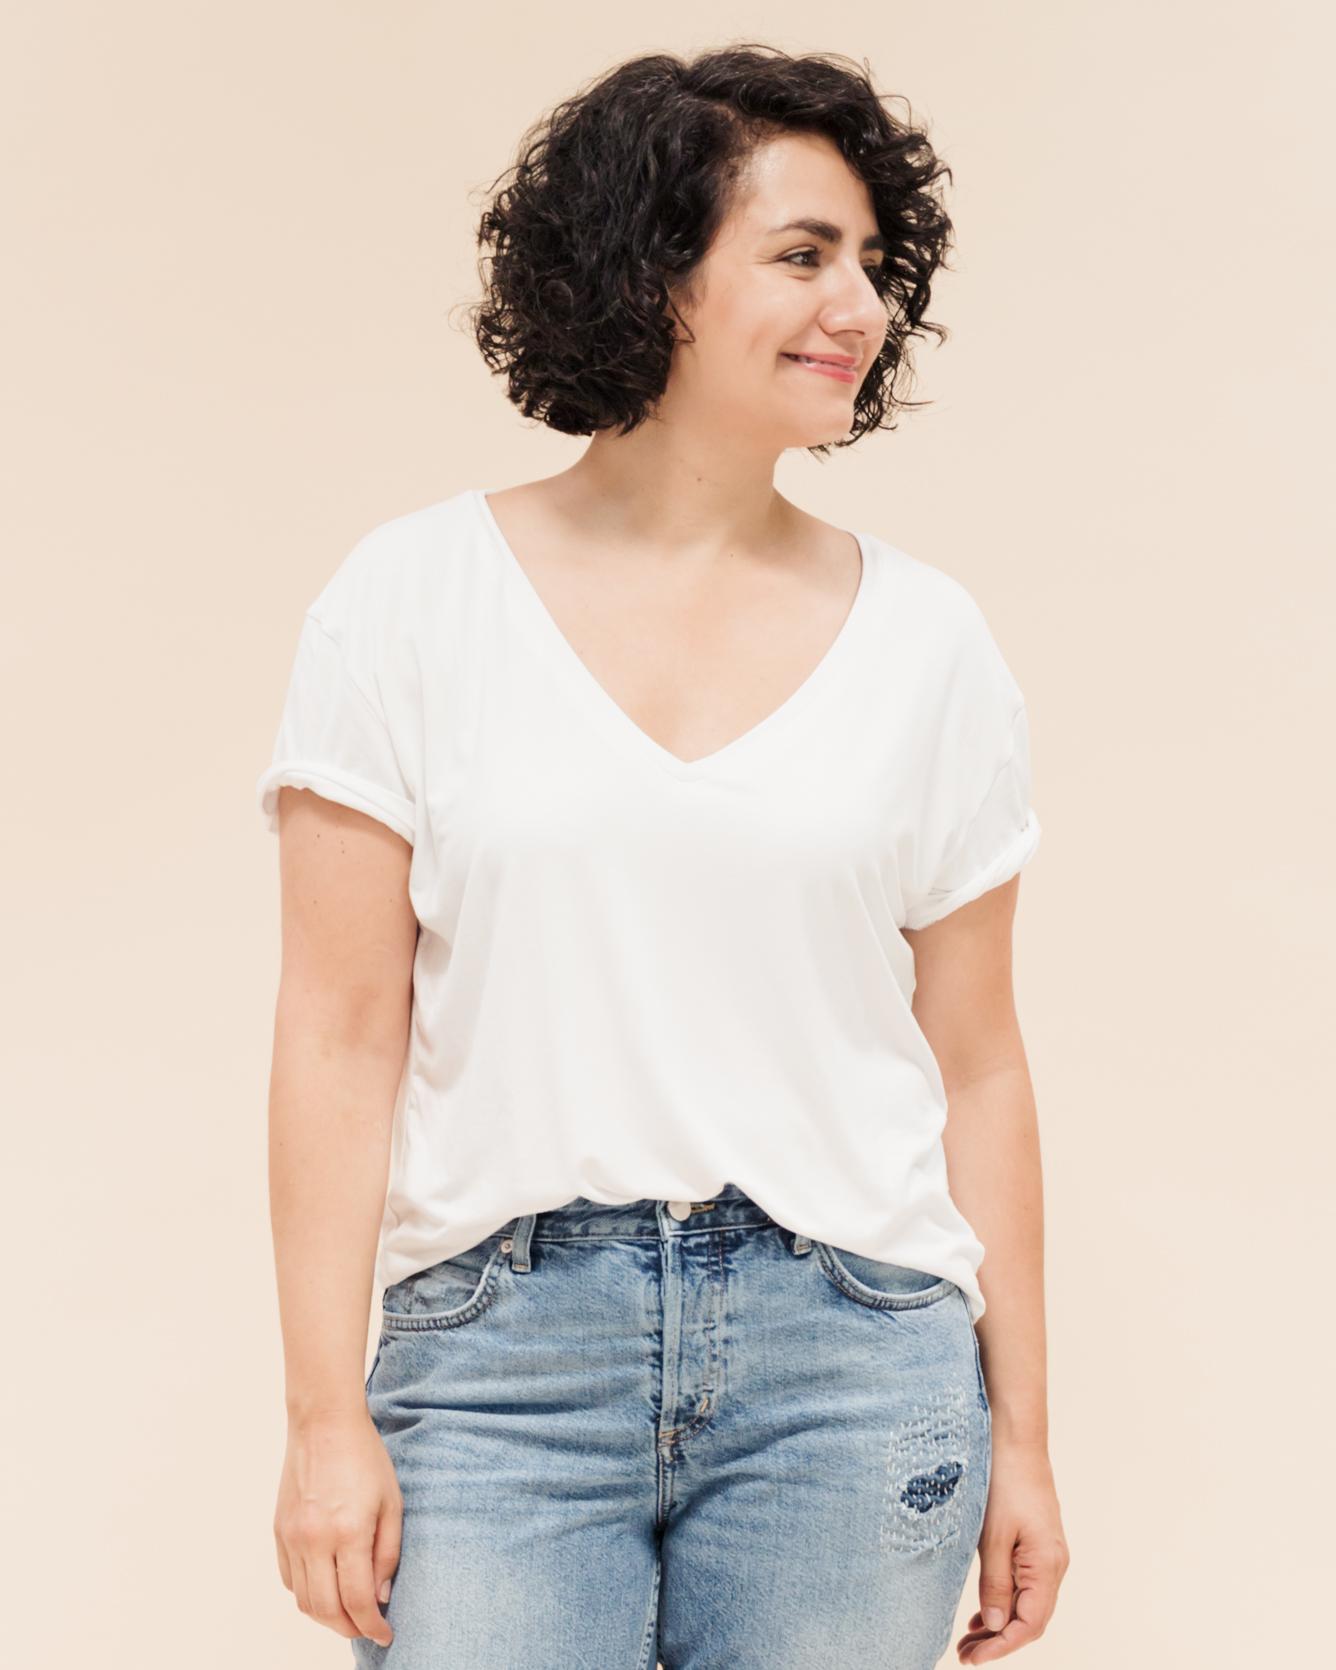 Lässiges T-Shirt nähen mit V-Ausschnitt. Tomboy T-Shirts Schnittmuster für trendige Oversize T-Shirts in angesagtem Boyfriend Look.